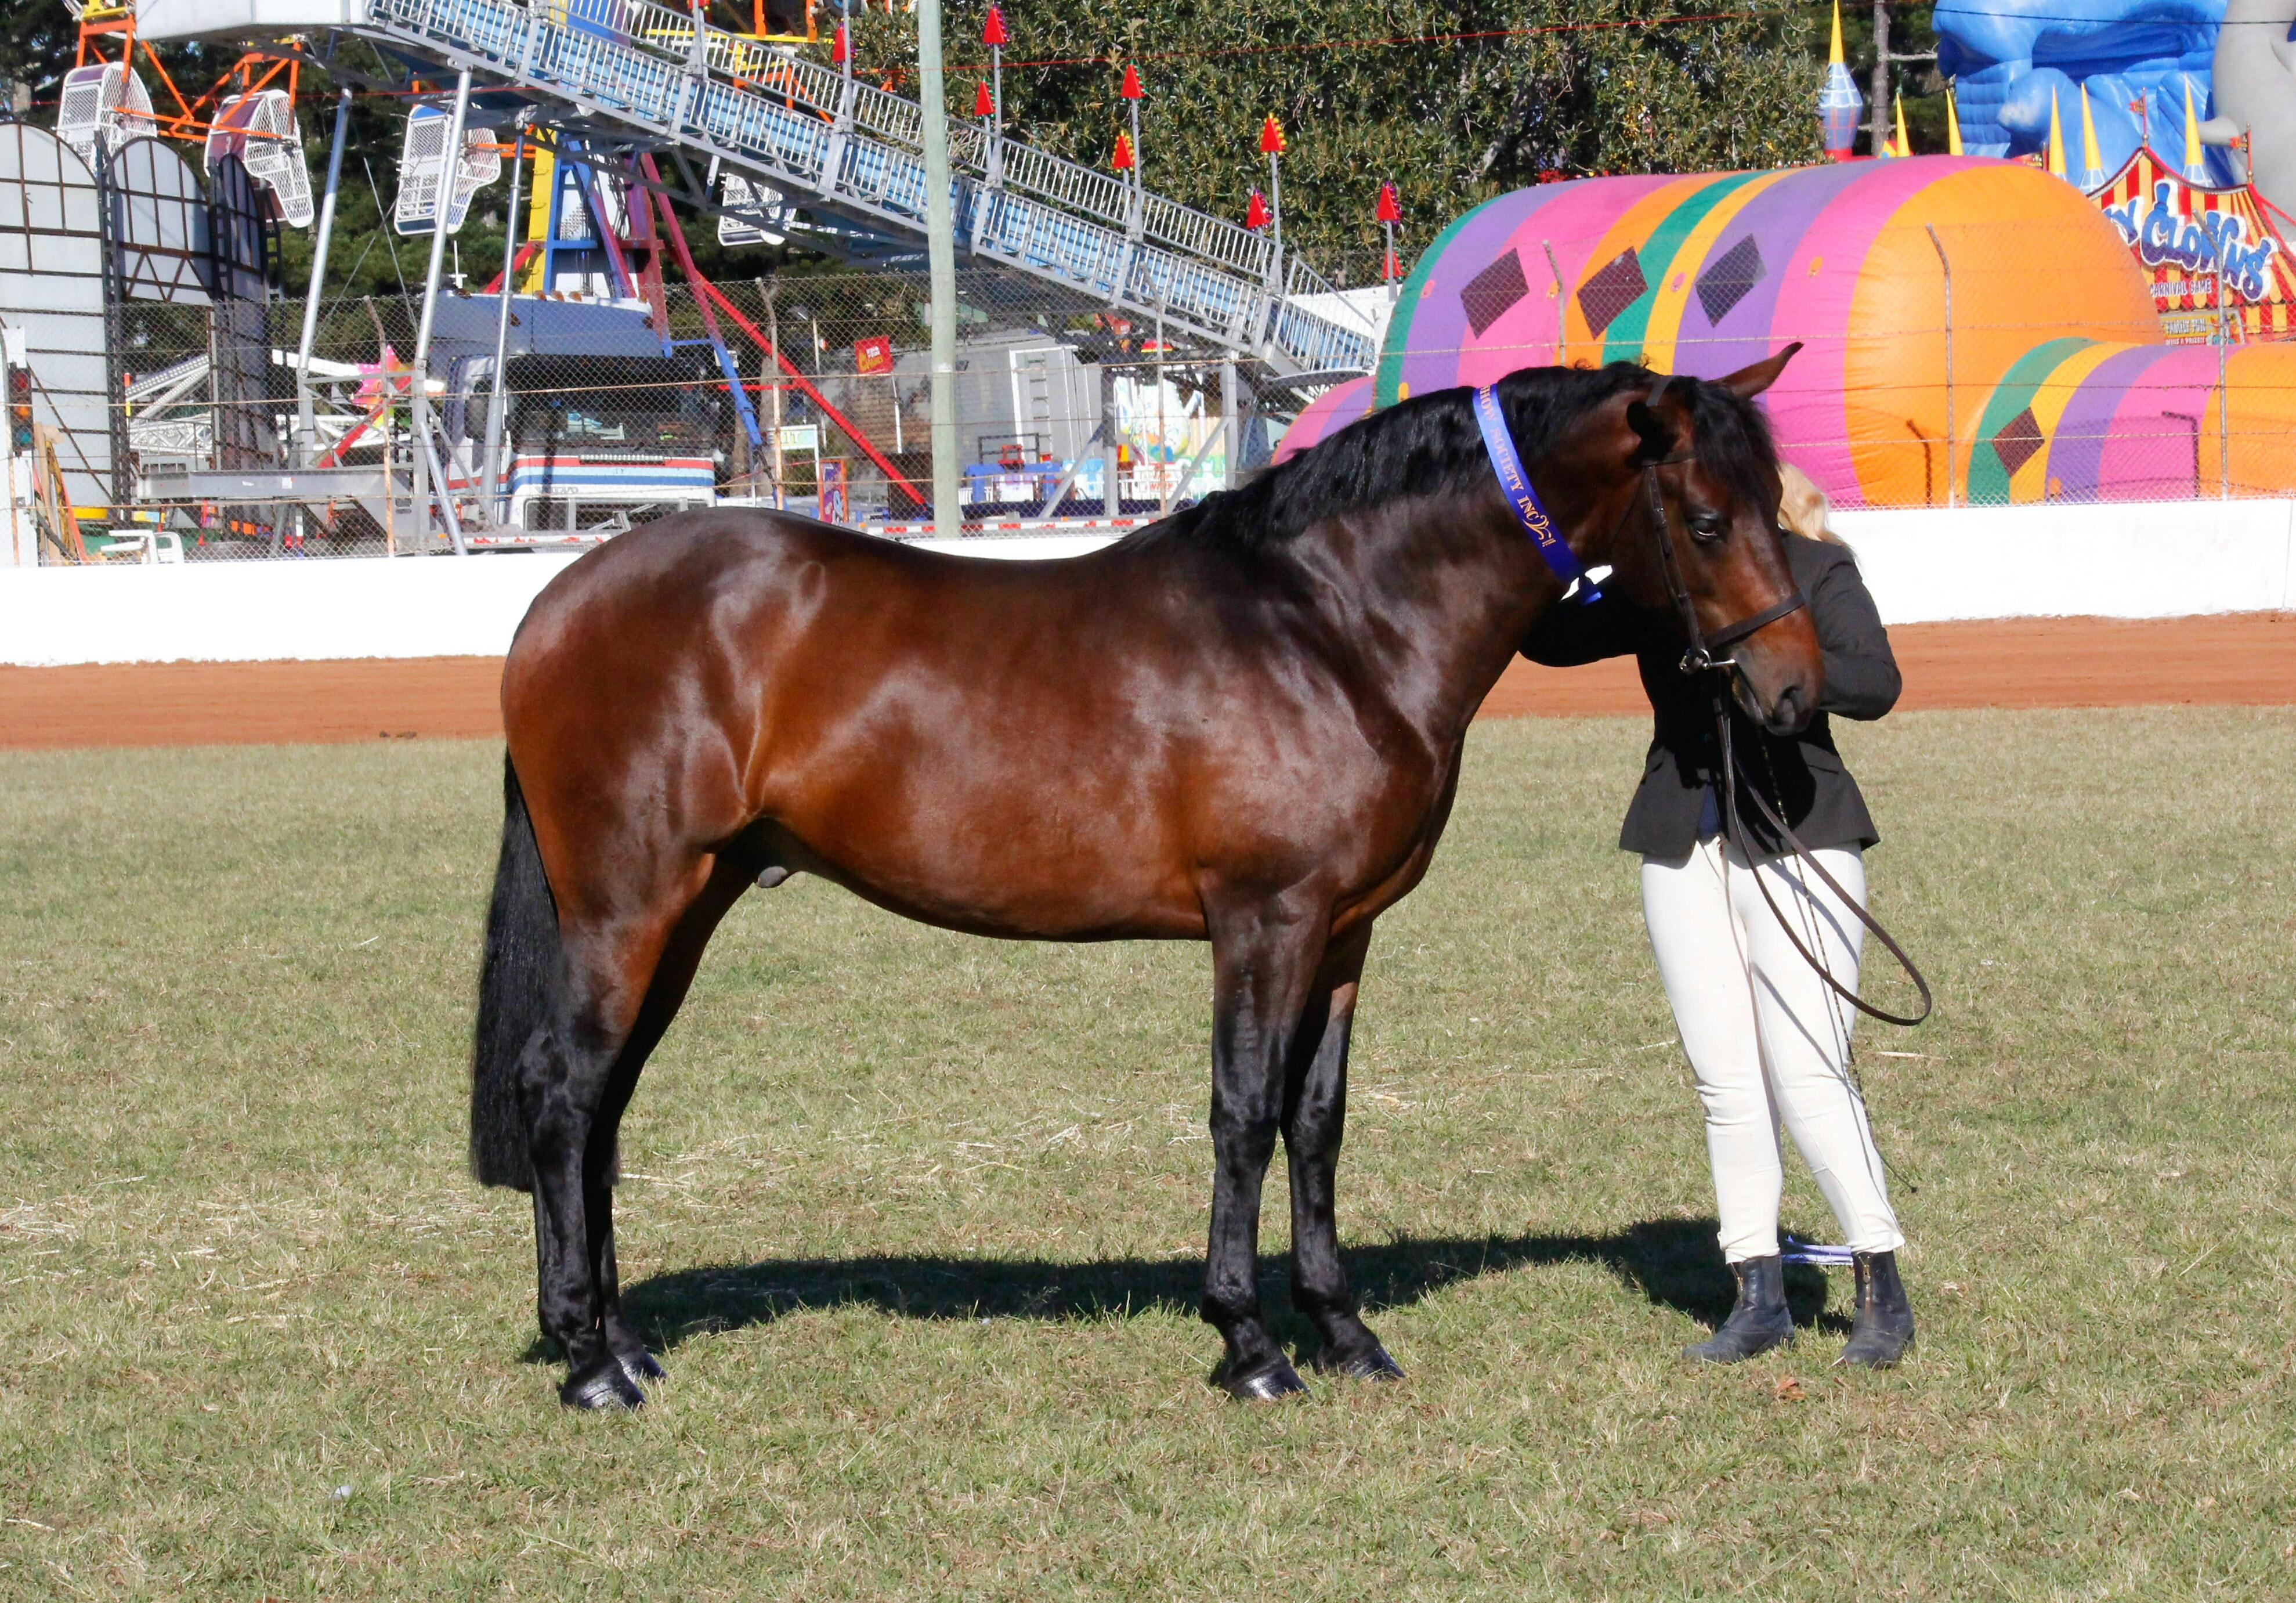 Trublu Trail Blazer, Waler colt at Gatton Show 2017, prior to winning Supreme Waler